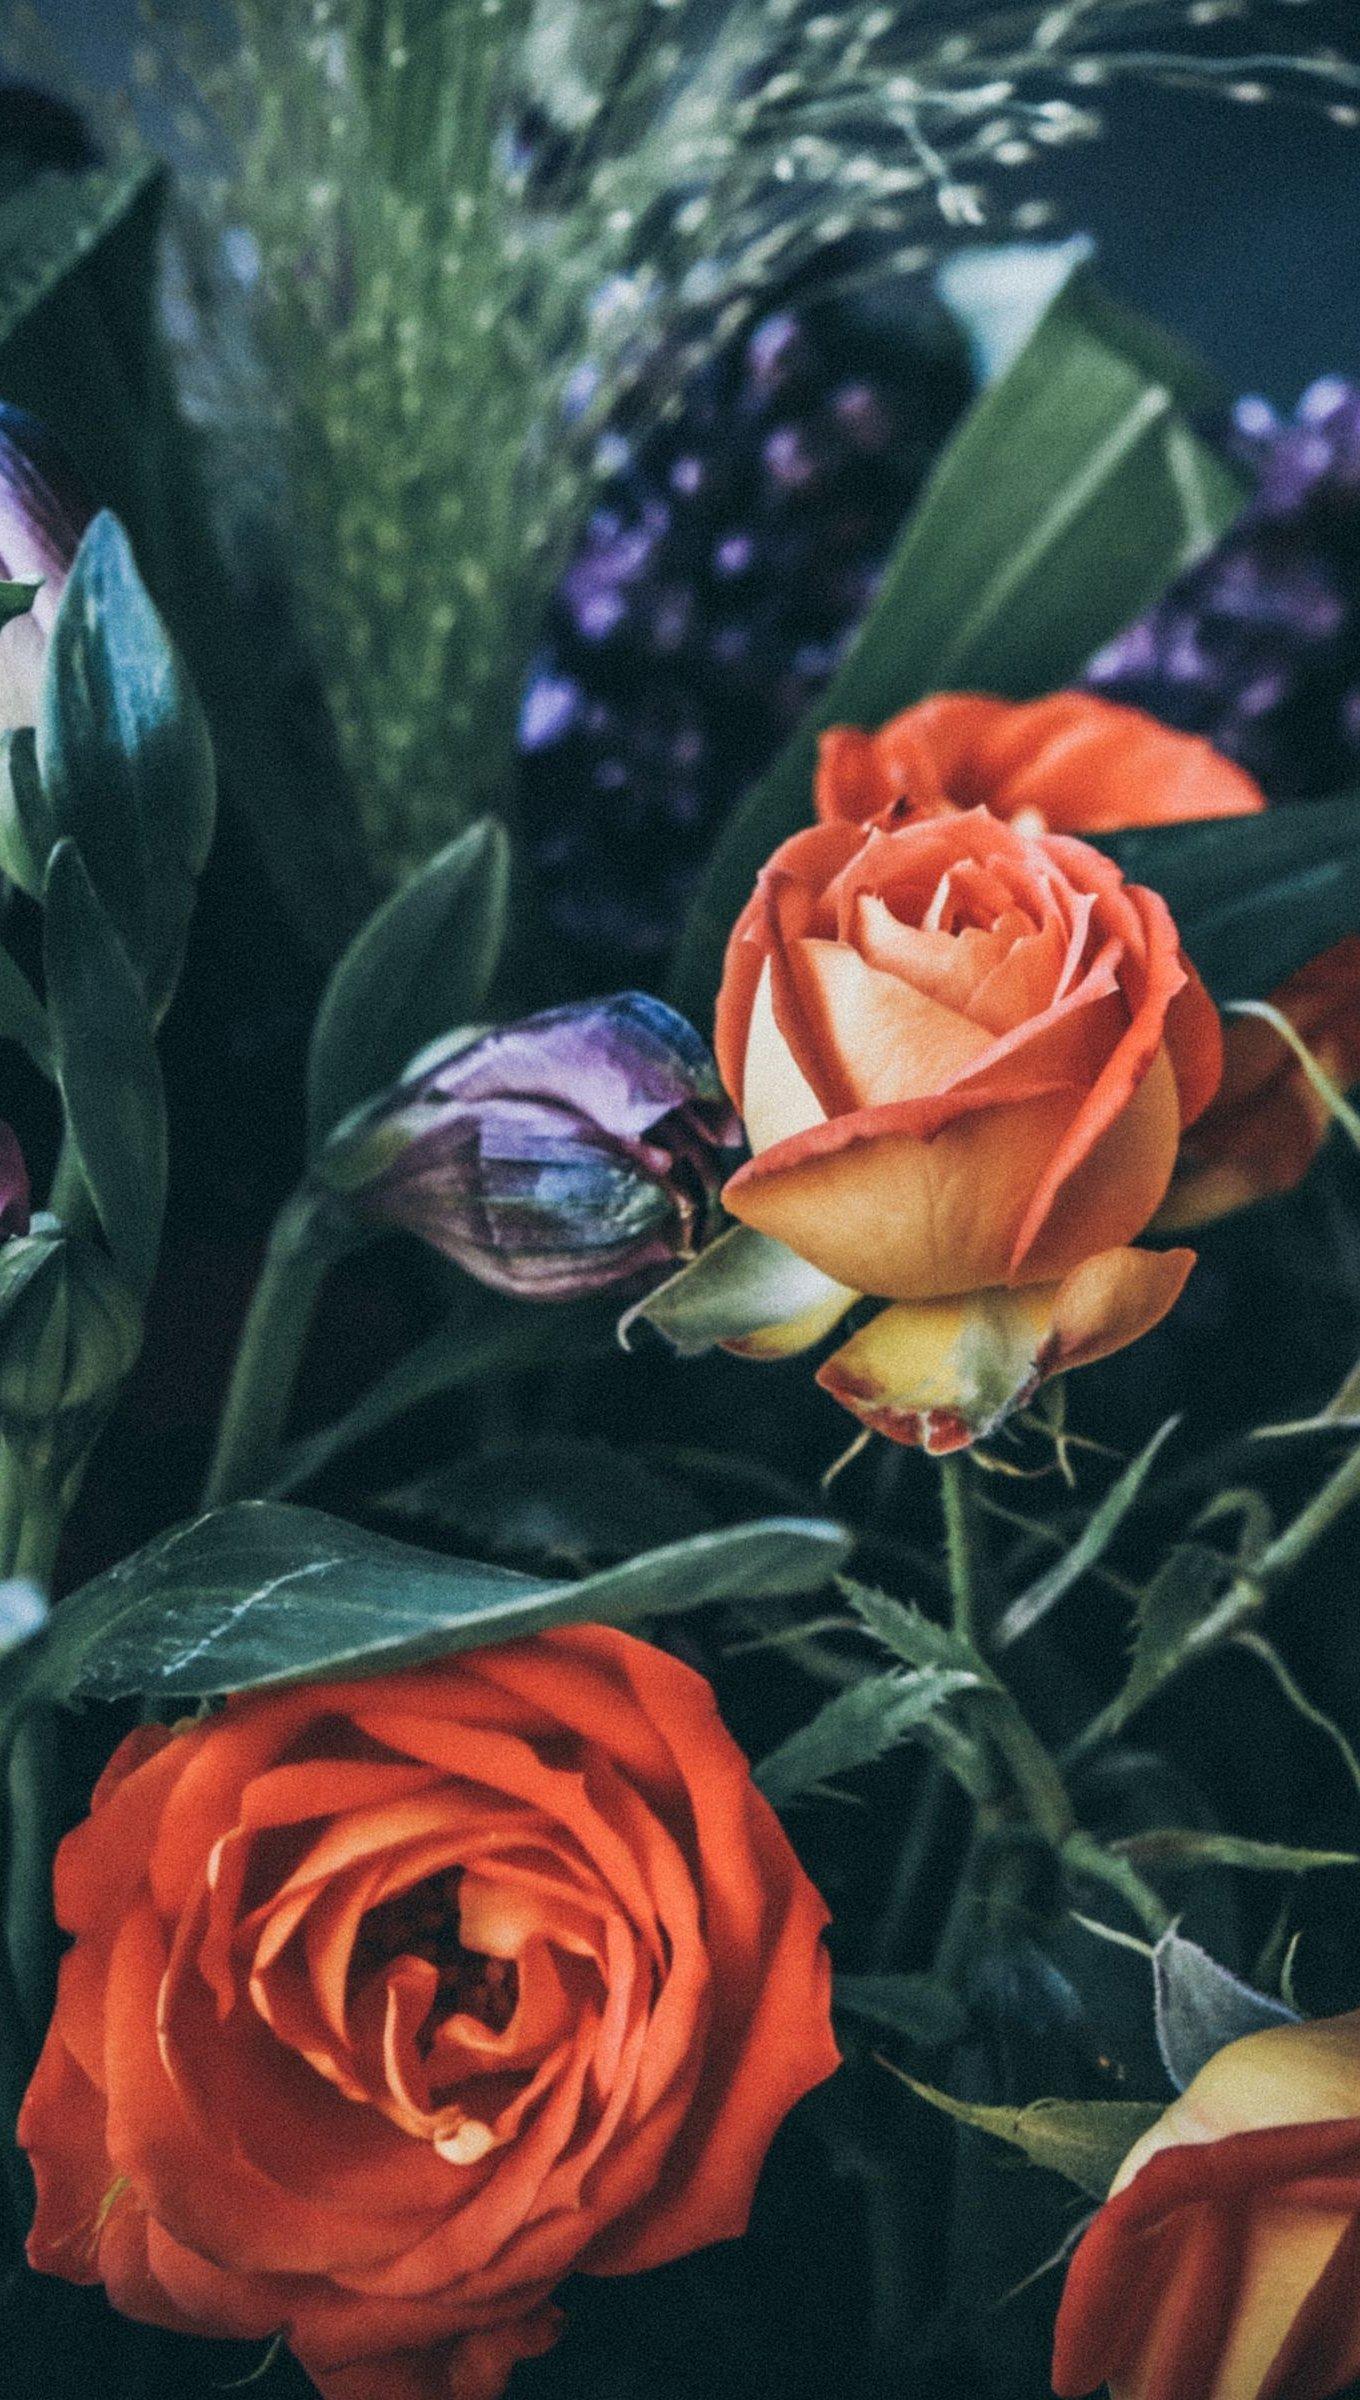 Fondos de pantalla Ramo de rosas Vertical